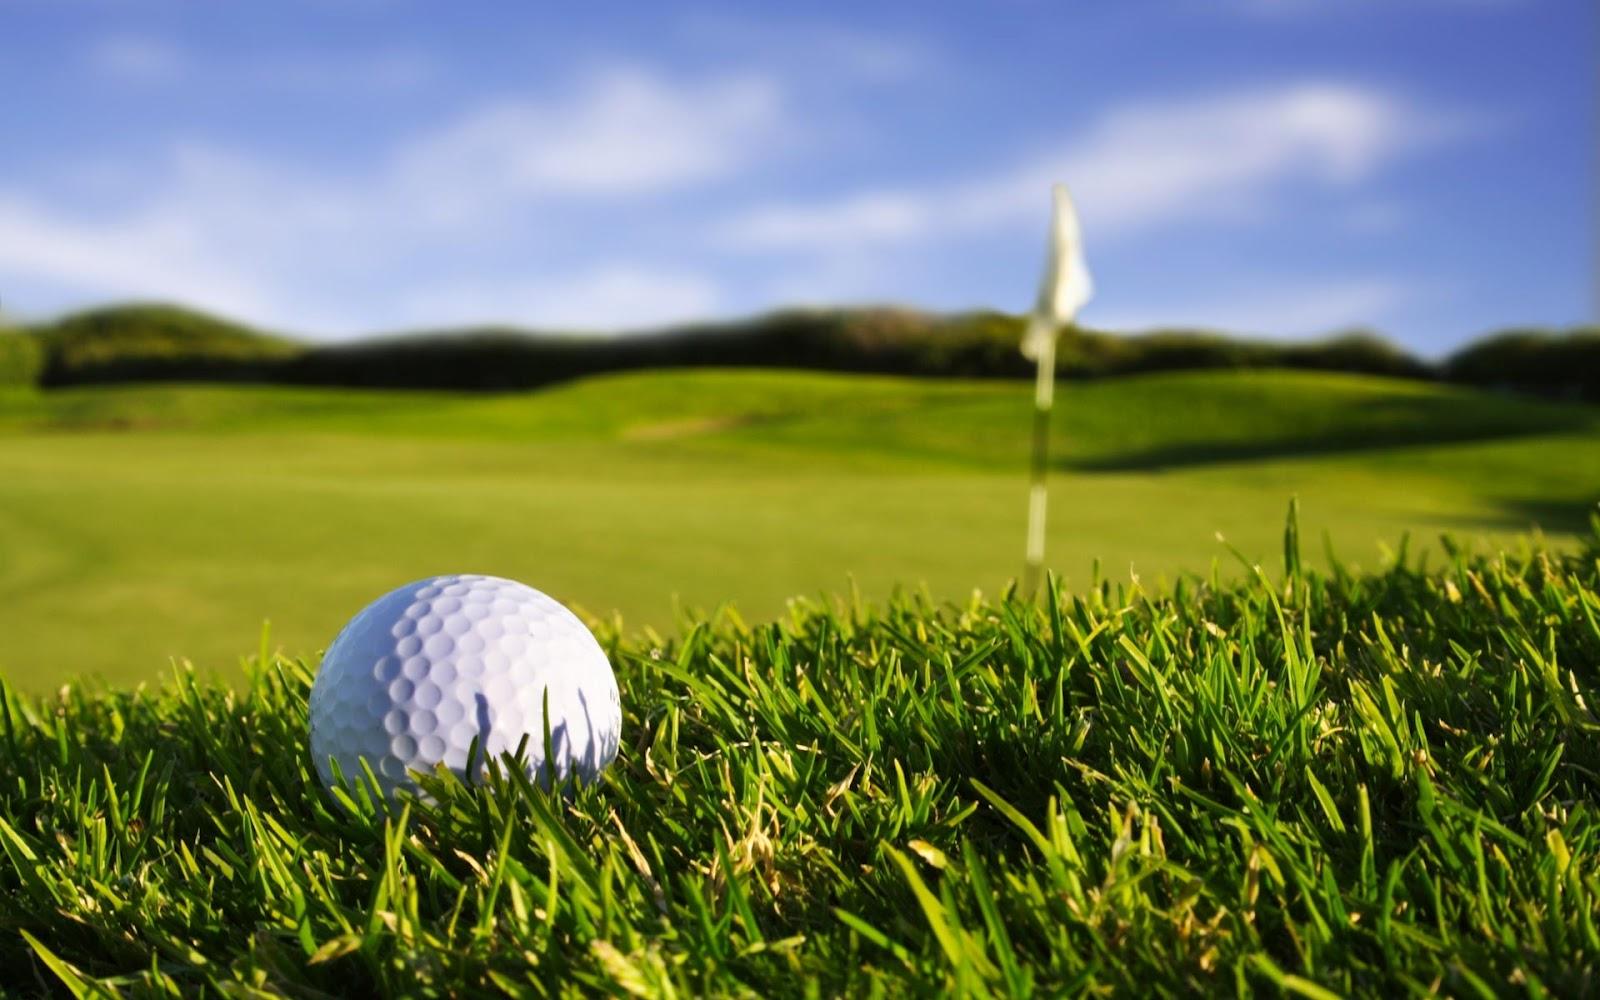 http://1.bp.blogspot.com/-zl62gGwk3XA/UCYujUTLWNI/AAAAAAAAMK8/r0w8evPhyWM/s1600/golf.jpg